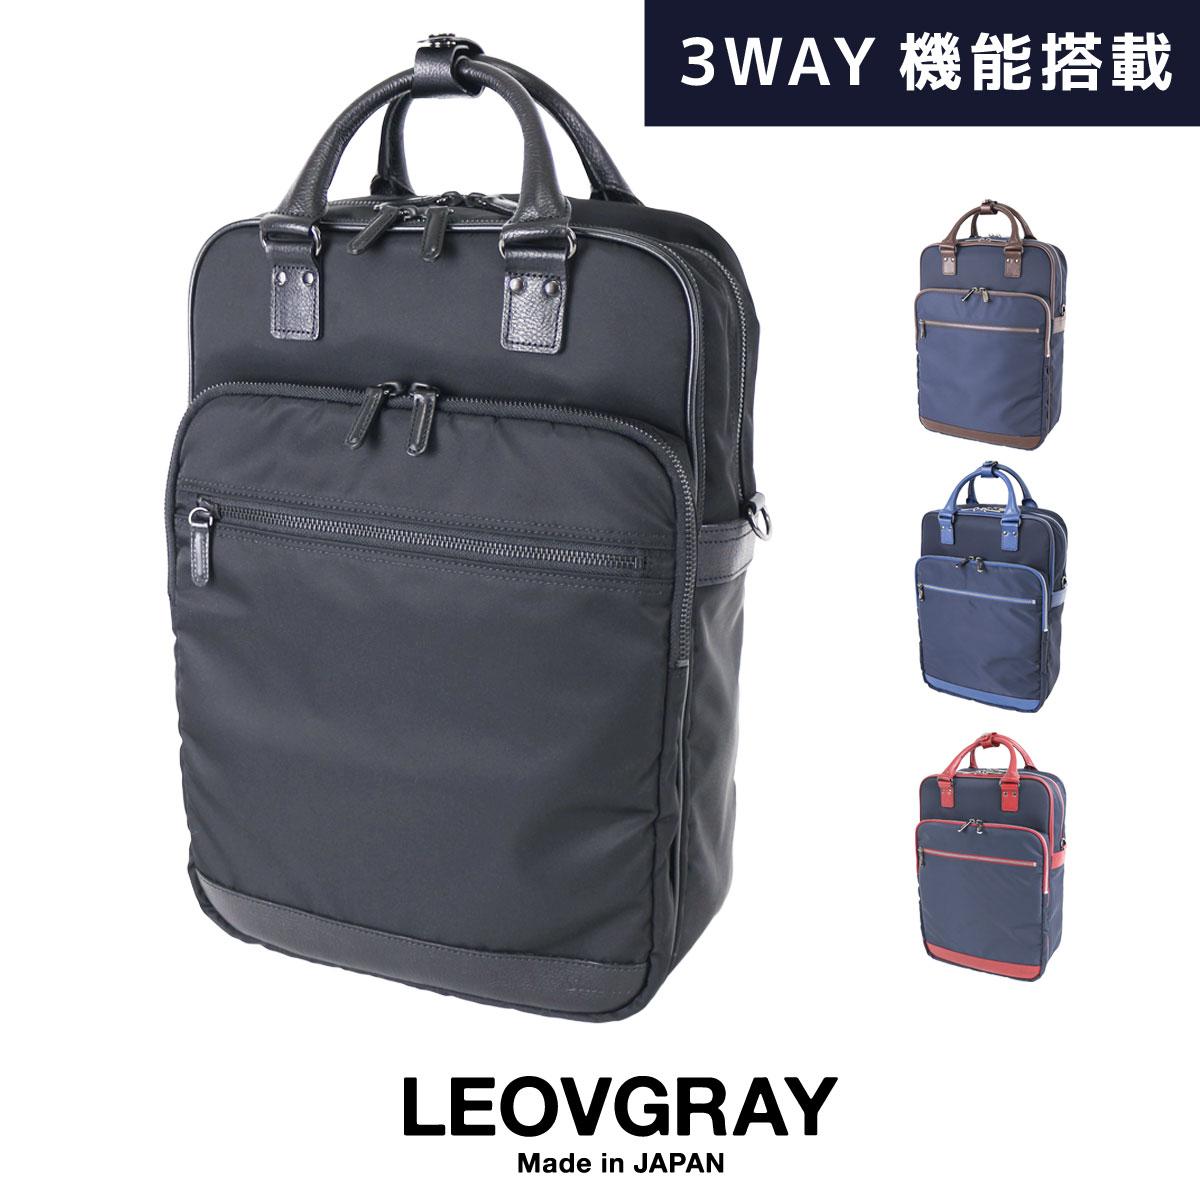 ビジネスバッグ LEOVGRAY(レオビグレイ)メイドインジャパン 日本製×本革 3WAYセットアップブリーフ 縦型【LG-15】